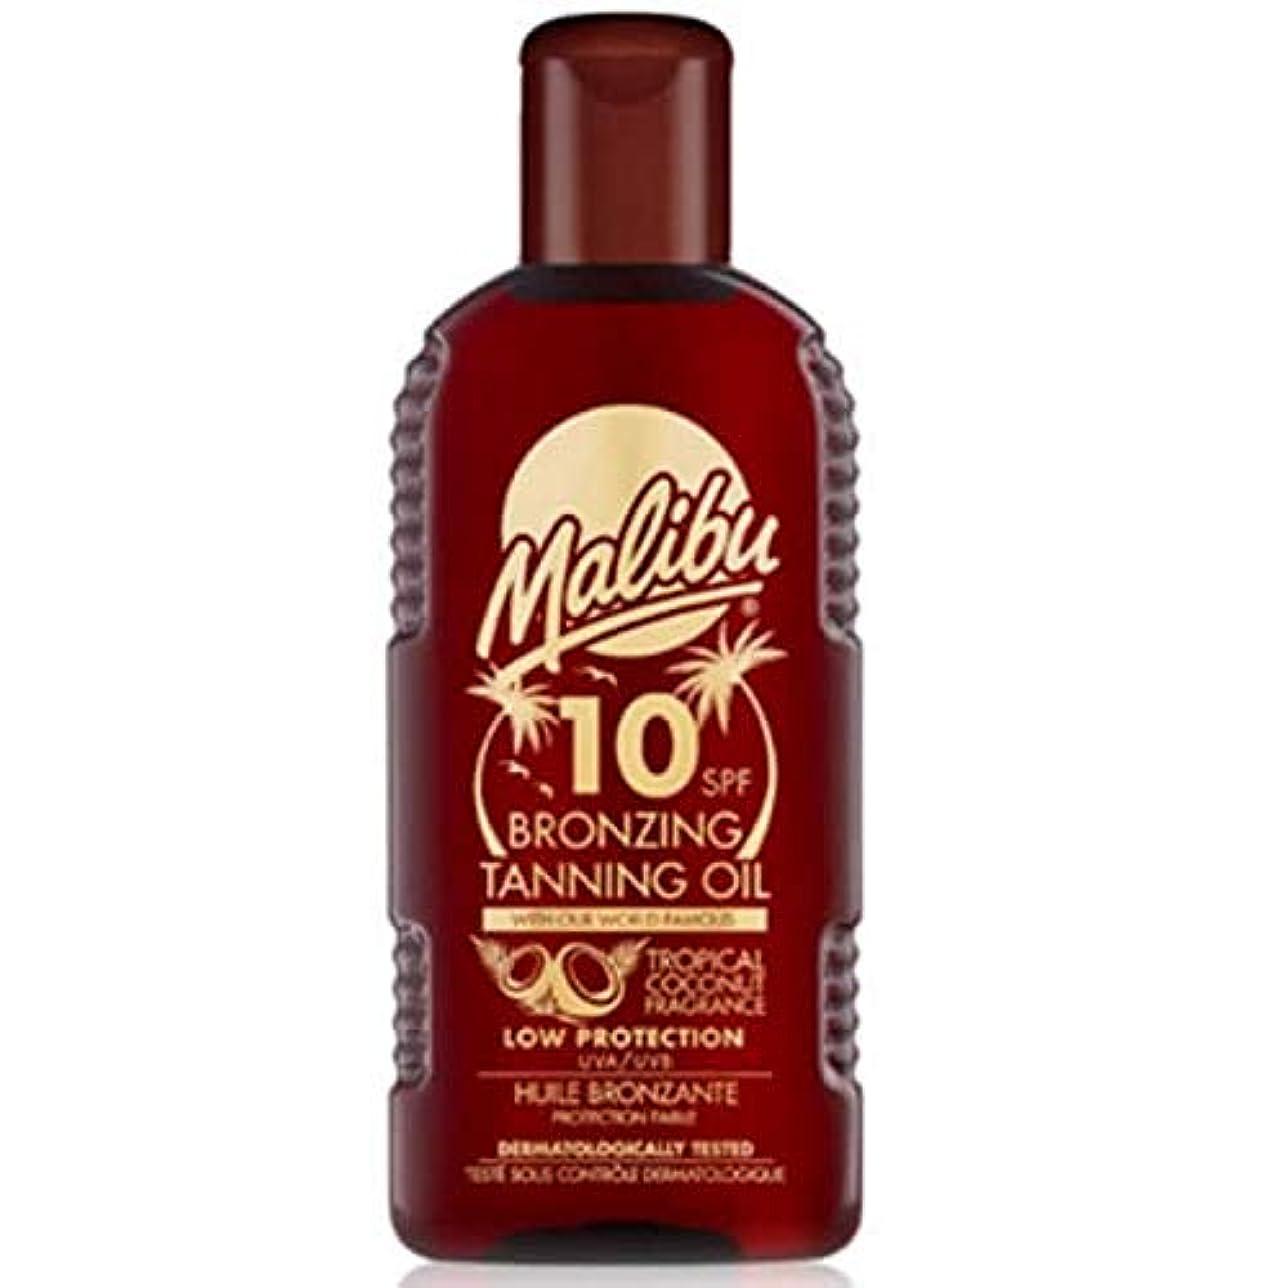 眩惑する失敗予想する[Malibu ] マリブブロンズ日焼けオイルSpf 10 - Malibu Bronzing Tanning Oil SPF 10 [並行輸入品]